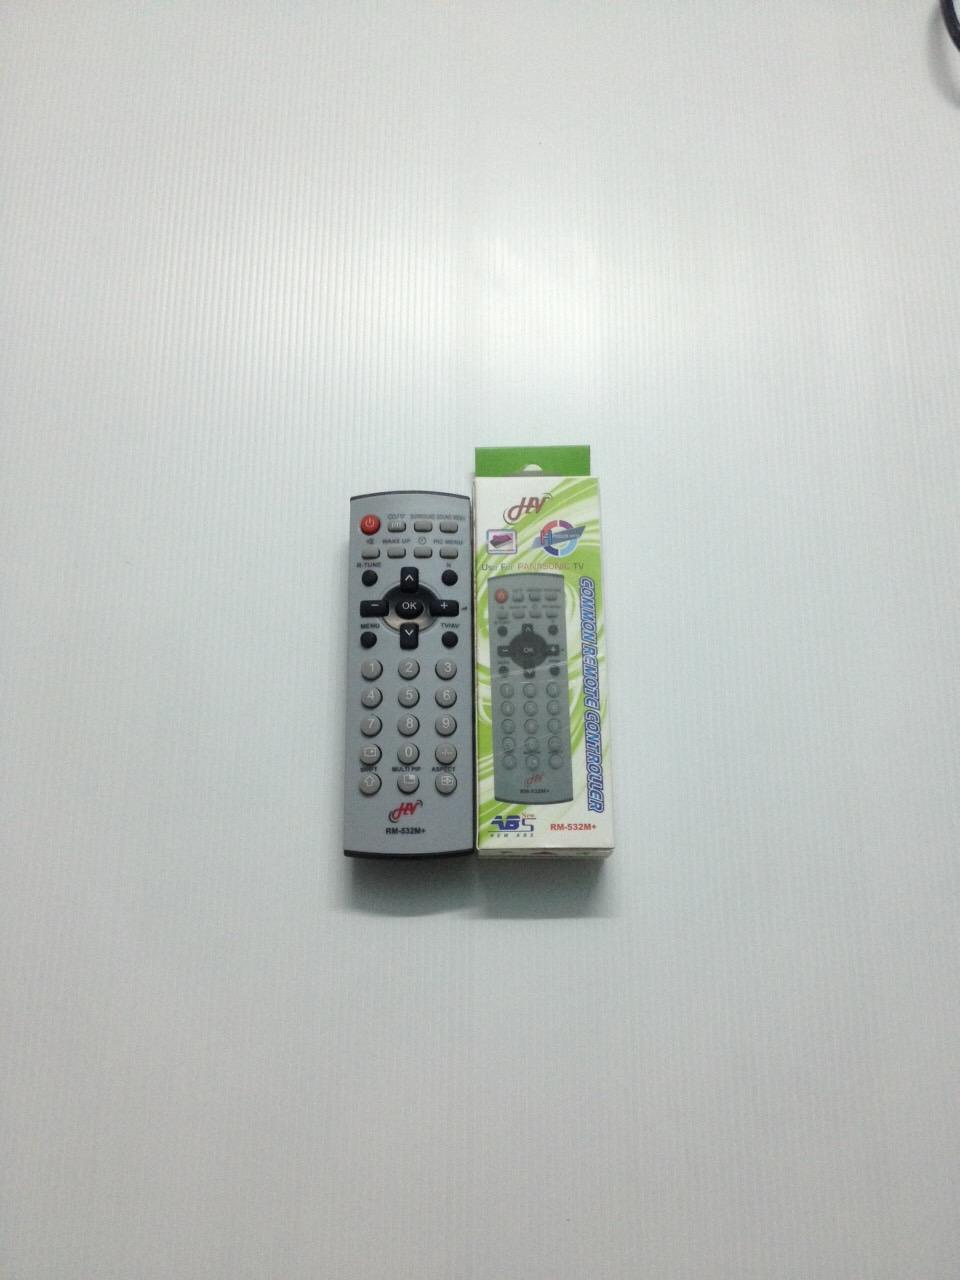 รีโมทรวมทีวี Panasonic ใช้ได้กับทีวีพานาโซนิคได้ทุกรุ่น